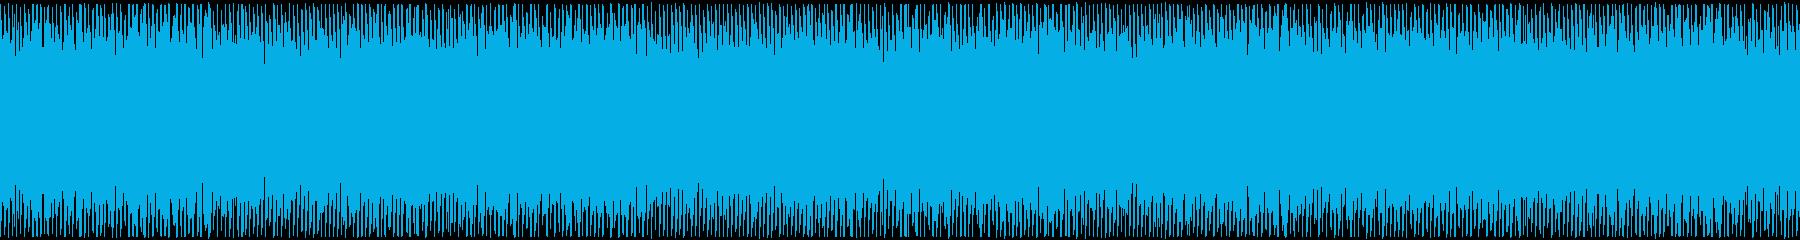 Spiralの再生済みの波形